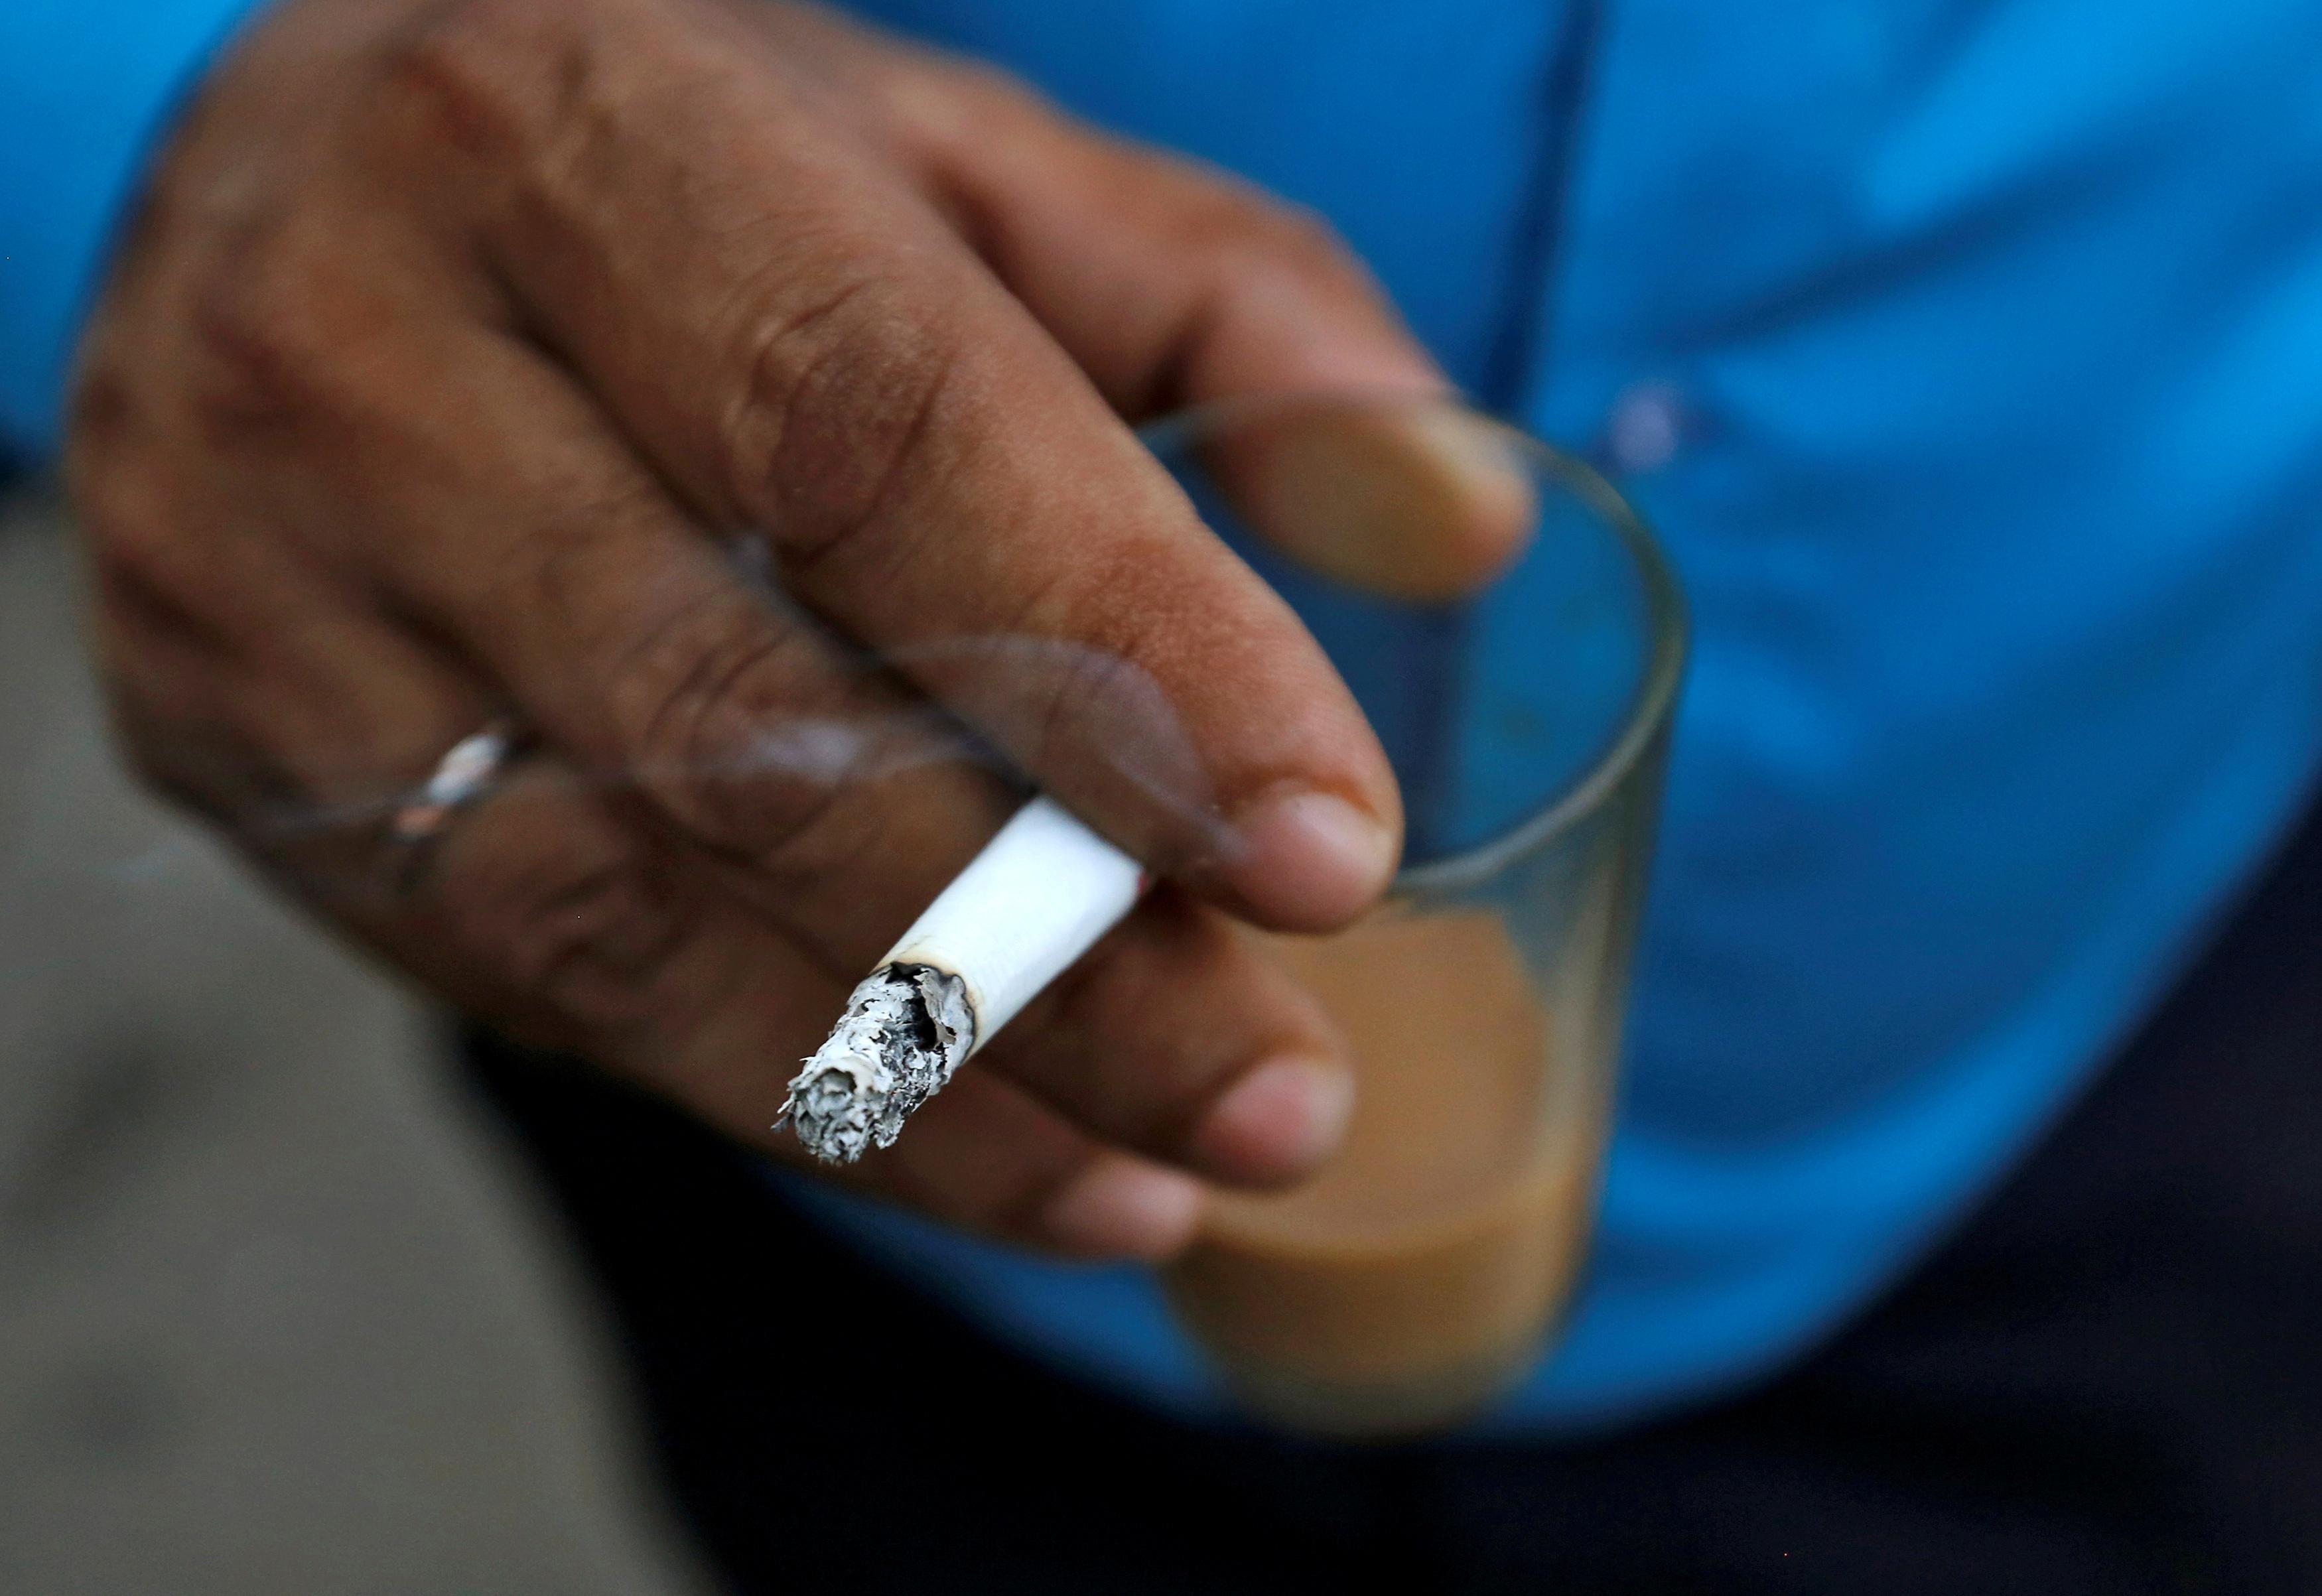 Ρόδος: Άγρια ληστεία δια… της μεθόδου του τσιγάρου – Ο εφιάλτης, η συγγνώμη και η βαριά καμπάνα